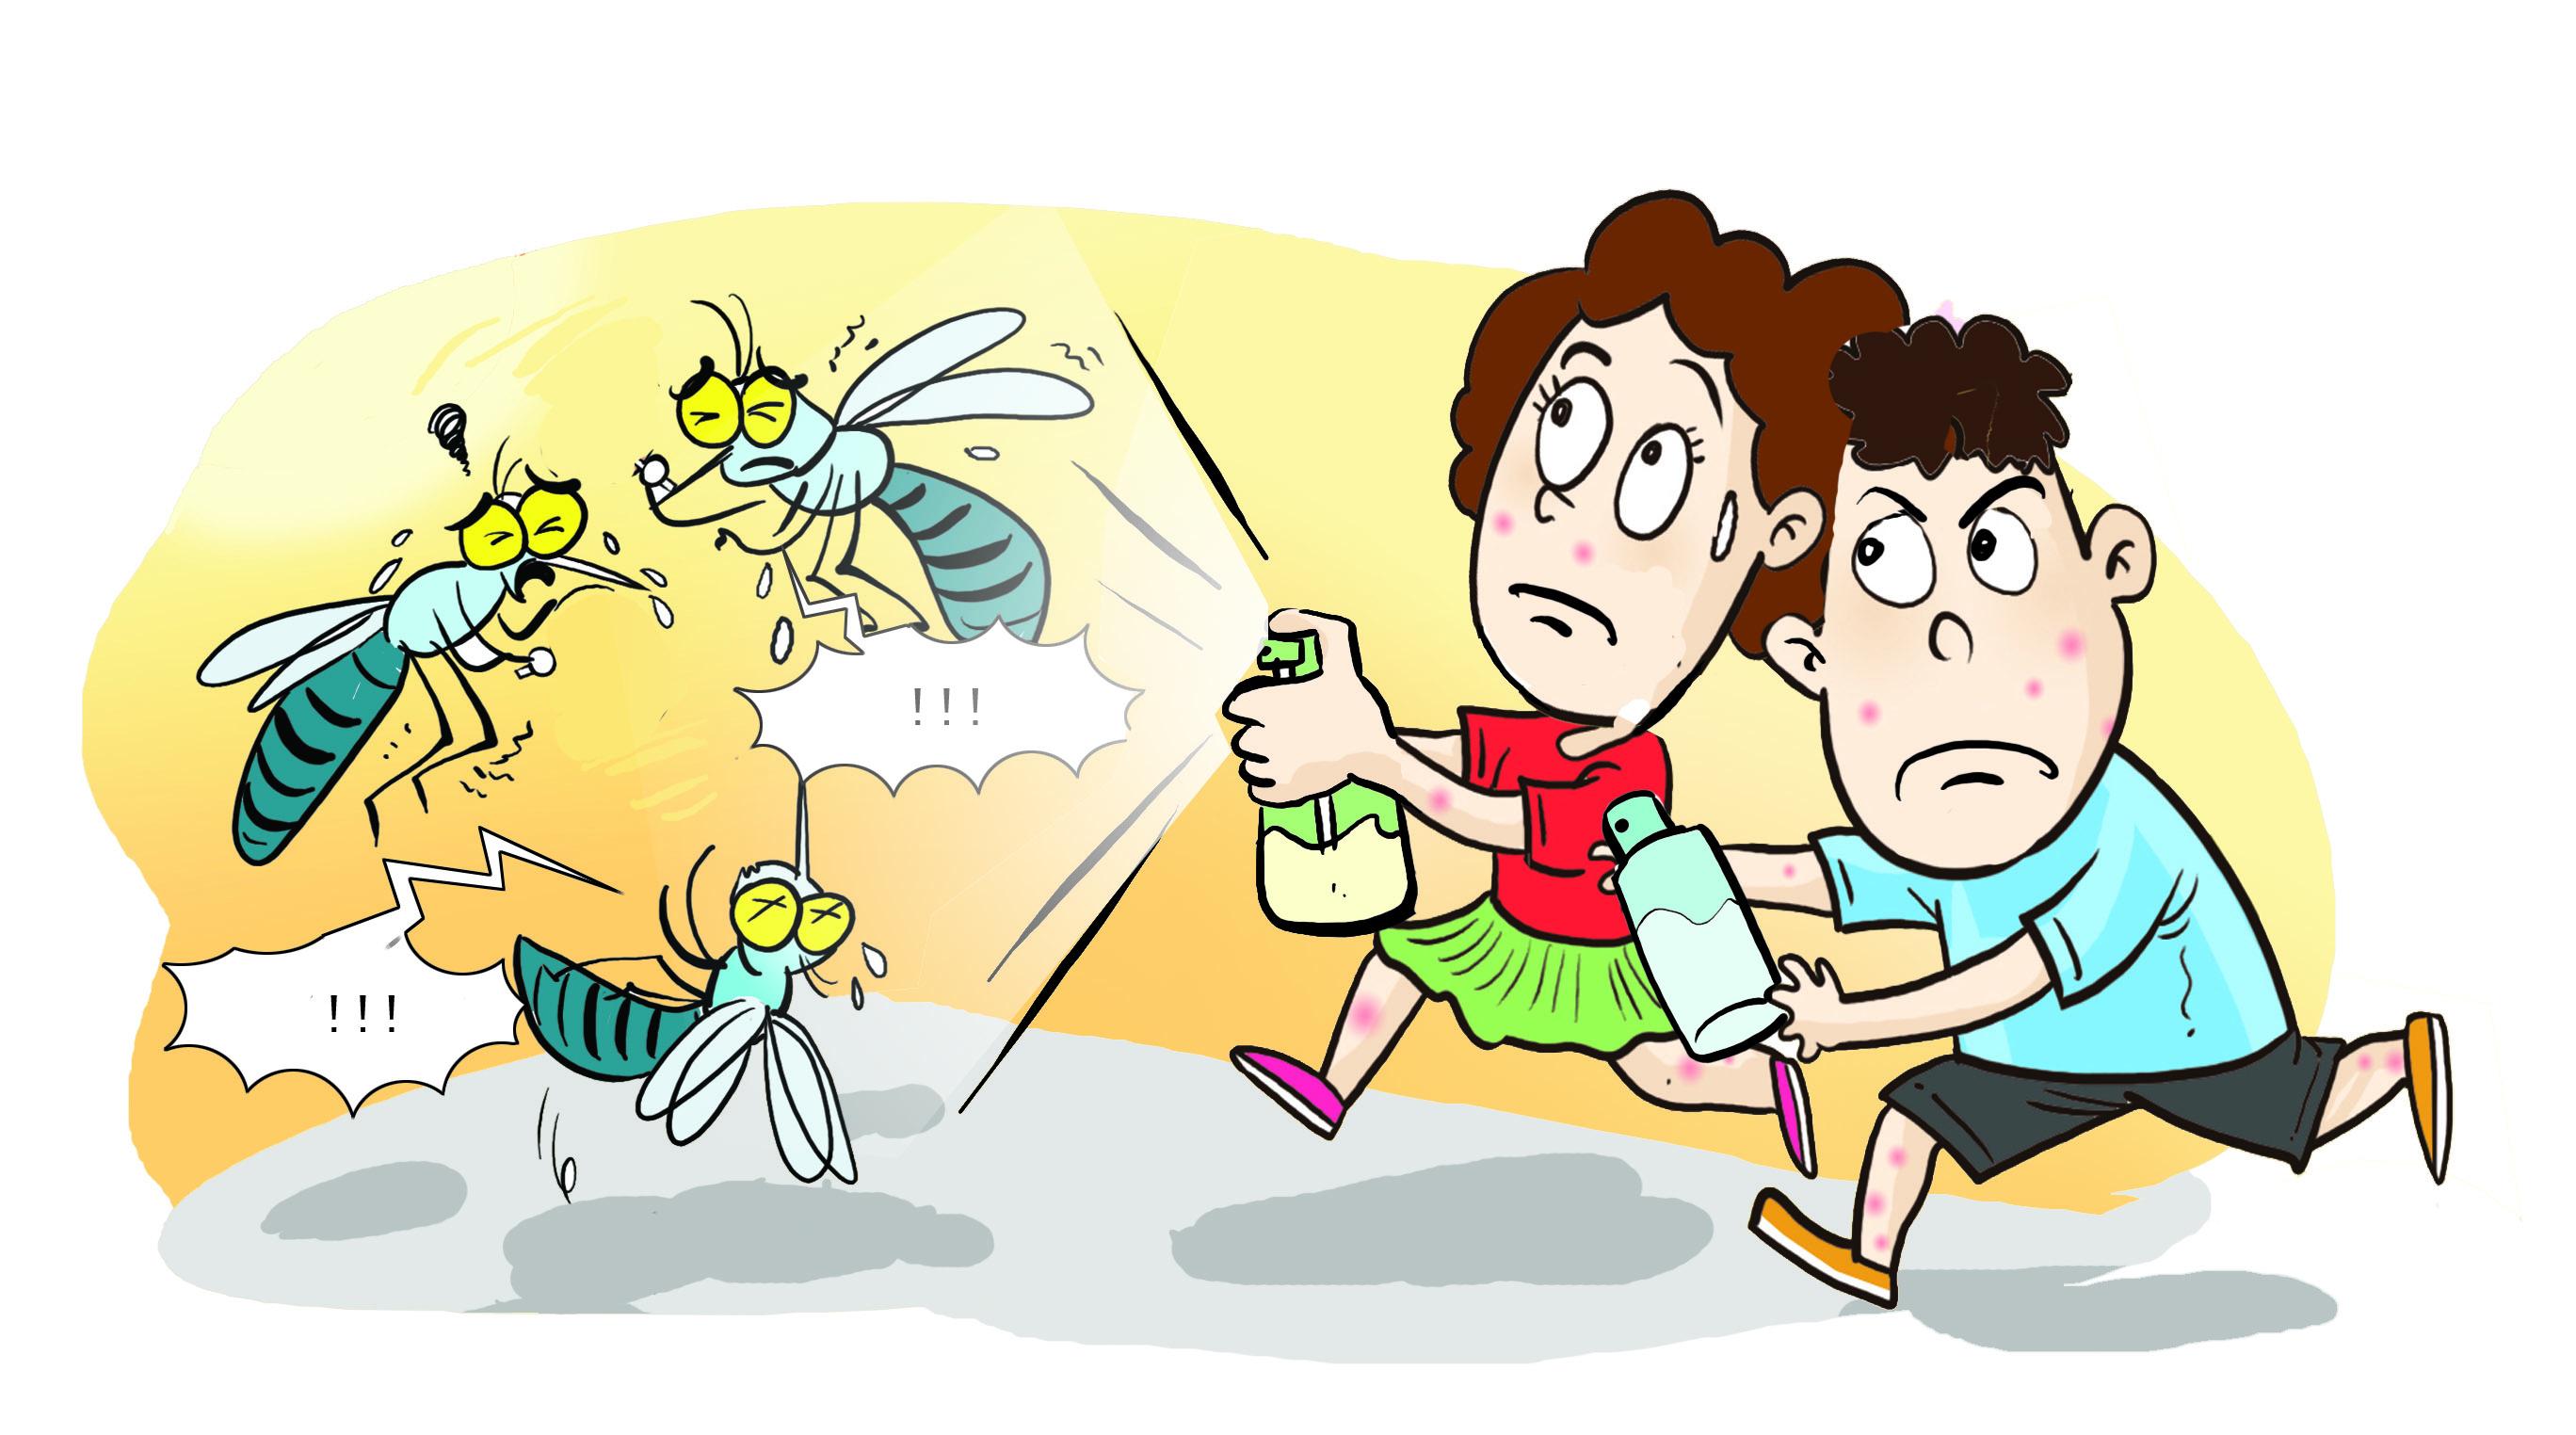 几分钟竟被蚊子咬了11口 居家灭蚊要这样做